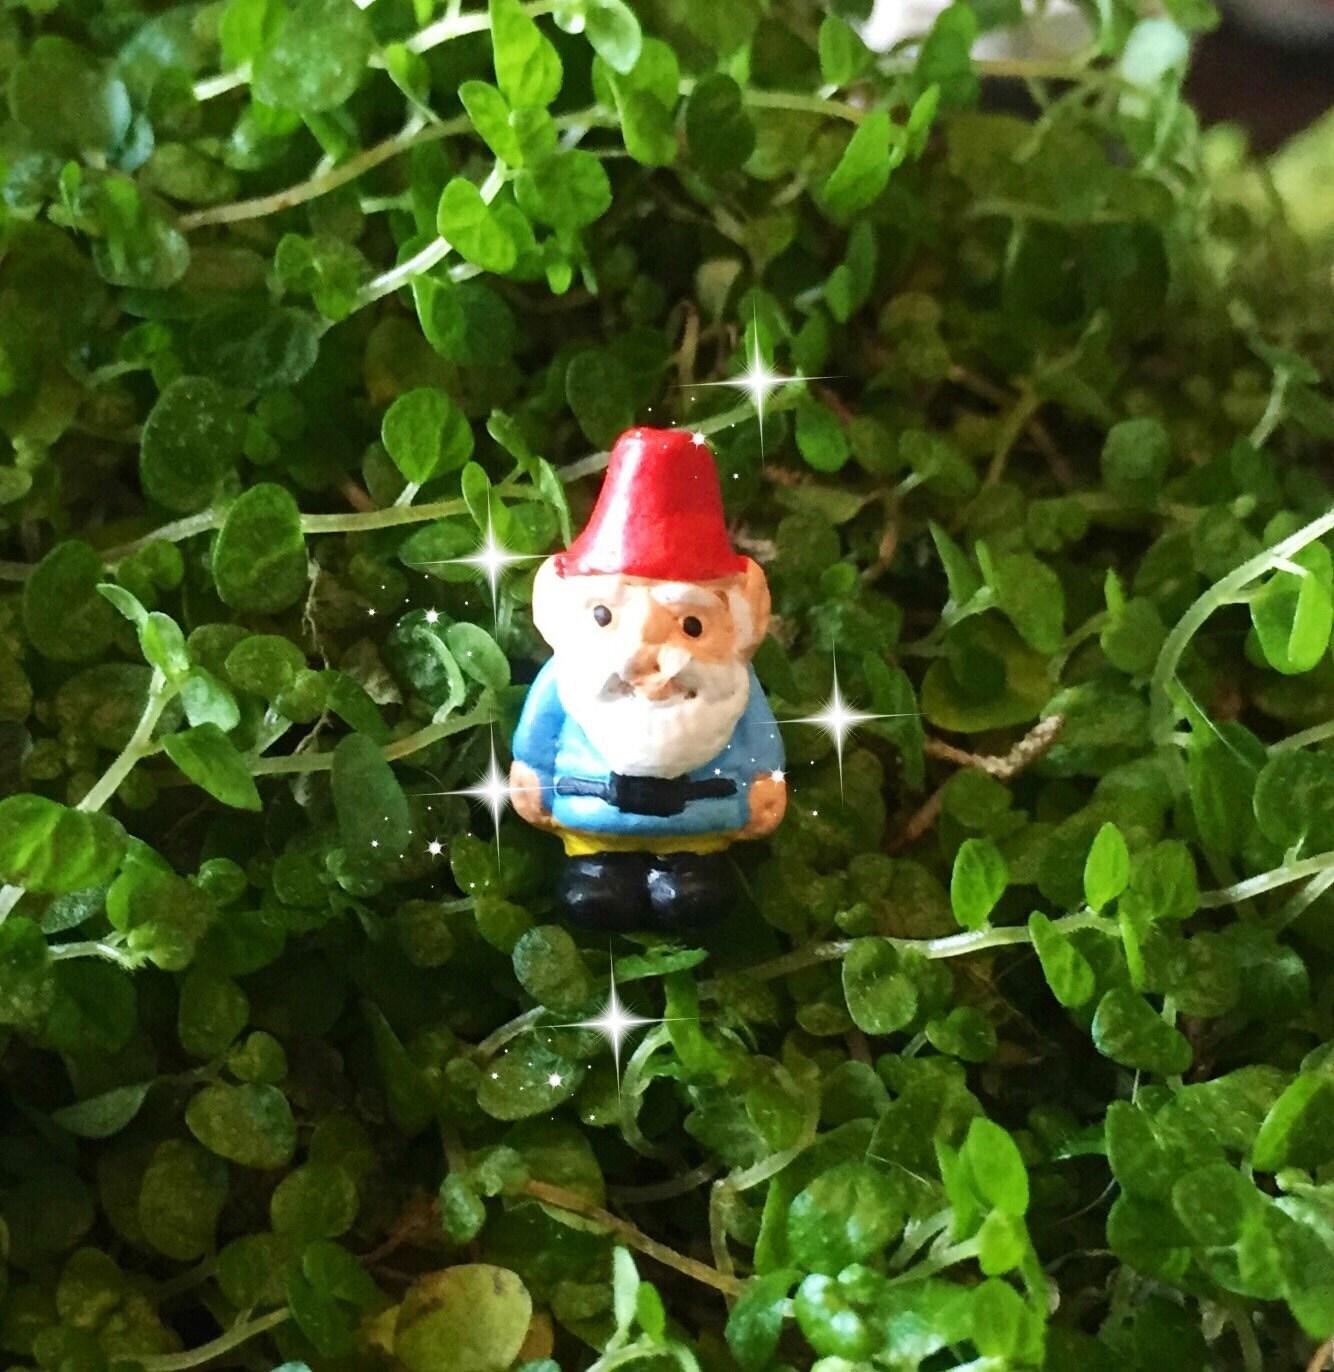 Gnome Garden: Fairy Garden, Micro Mini Gnome, Tiny Gnome, Mini Gnome